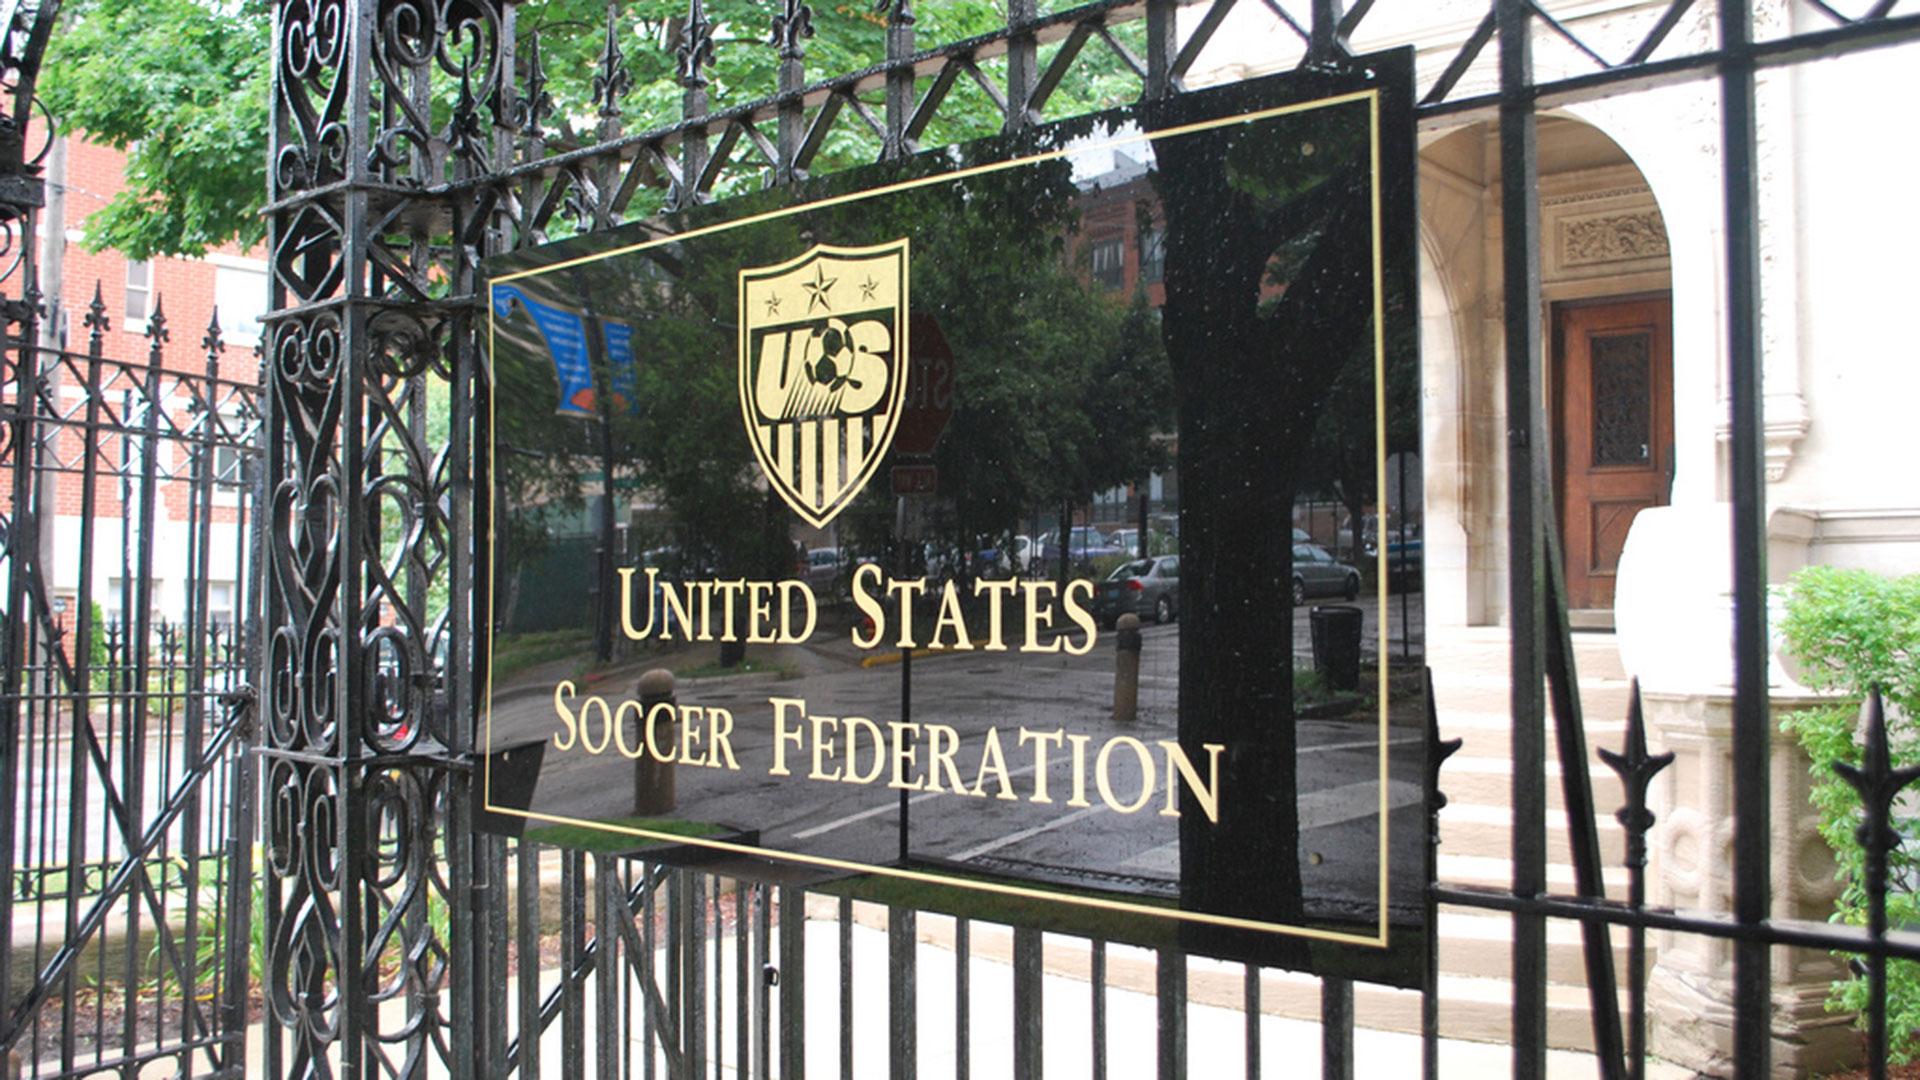 La Federación Estadounidense de Fútbol se presentó junto con la de Canadá y México para organizar el Mundial 2026